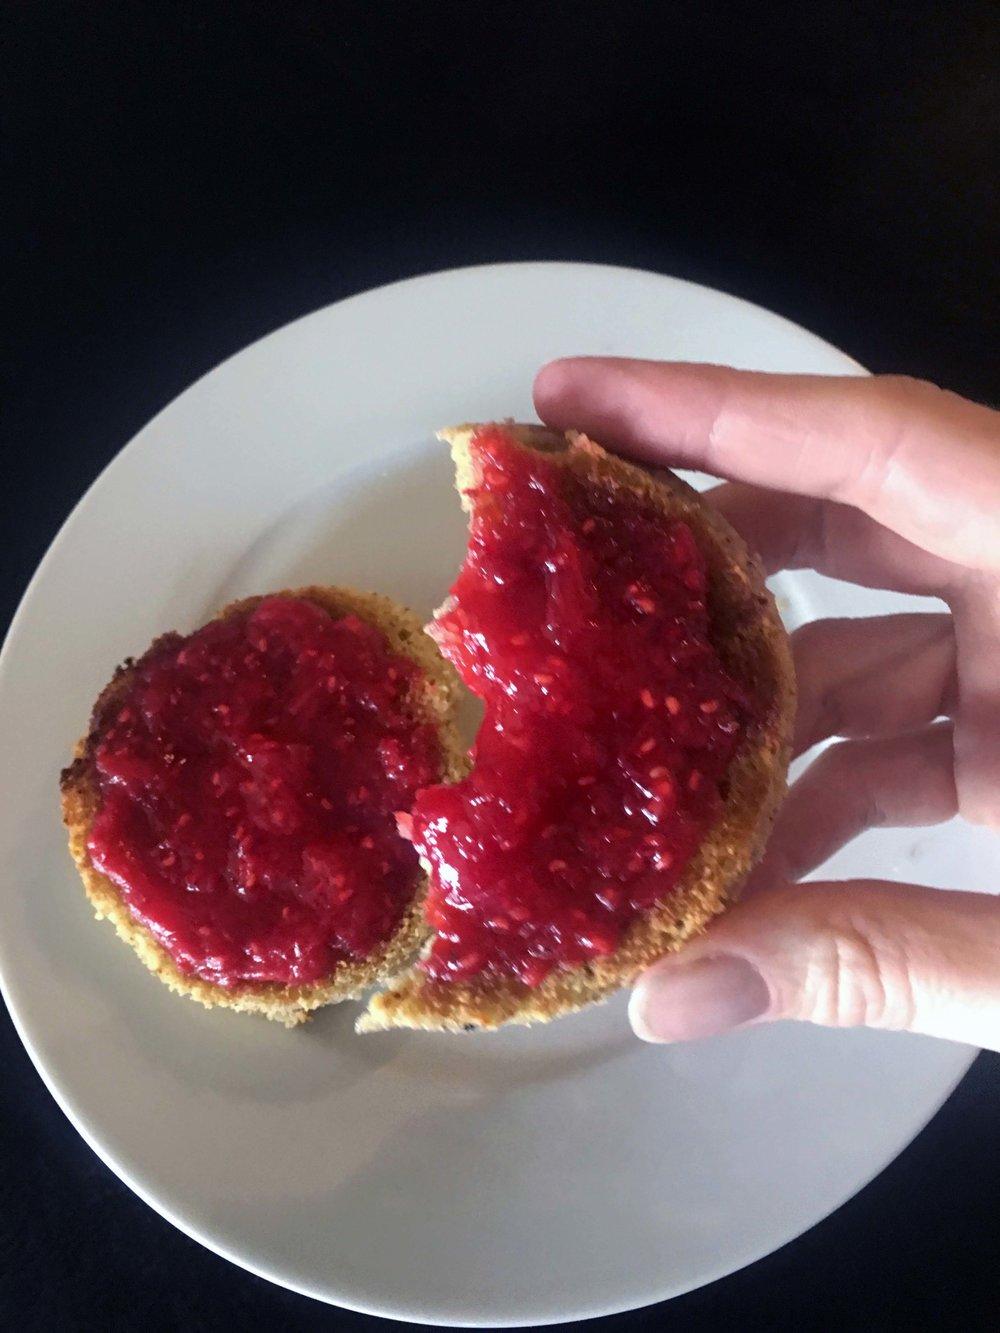 Low Carb Keto Rhubarb Raspberry Jam Recipe